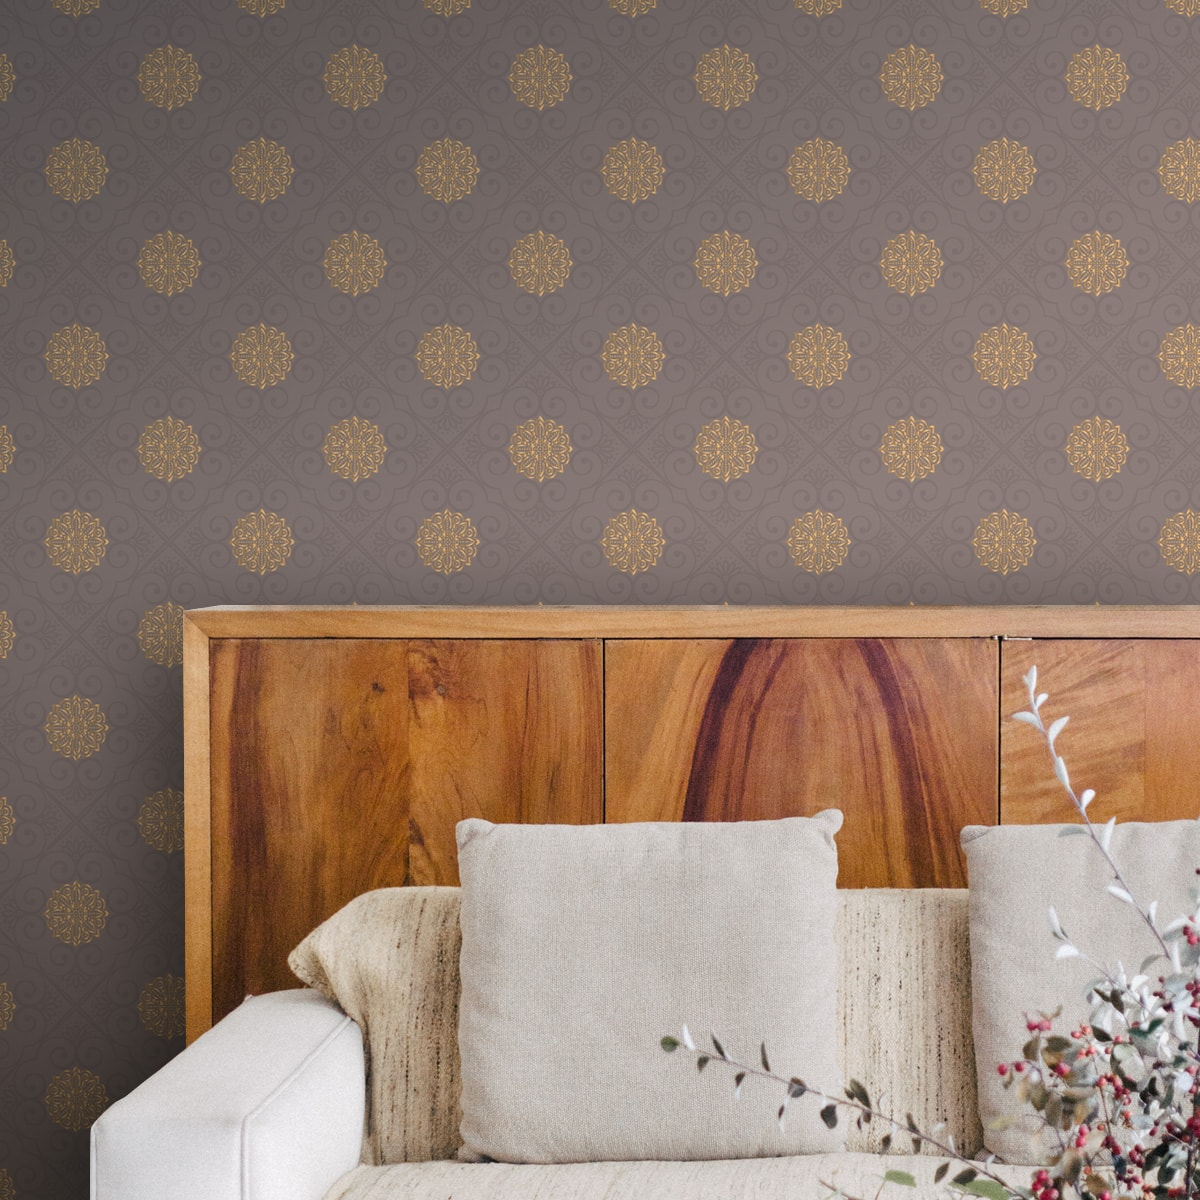 Full Size of Vliestapete Wohnzimmer Elegante Oriental Tapete Mandarin Tapeten Ideen Teppiche Sessel Hängeleuchte Vorhänge Deckenleuchten Led Deckenleuchte Teppich Wohnzimmer Vliestapete Wohnzimmer